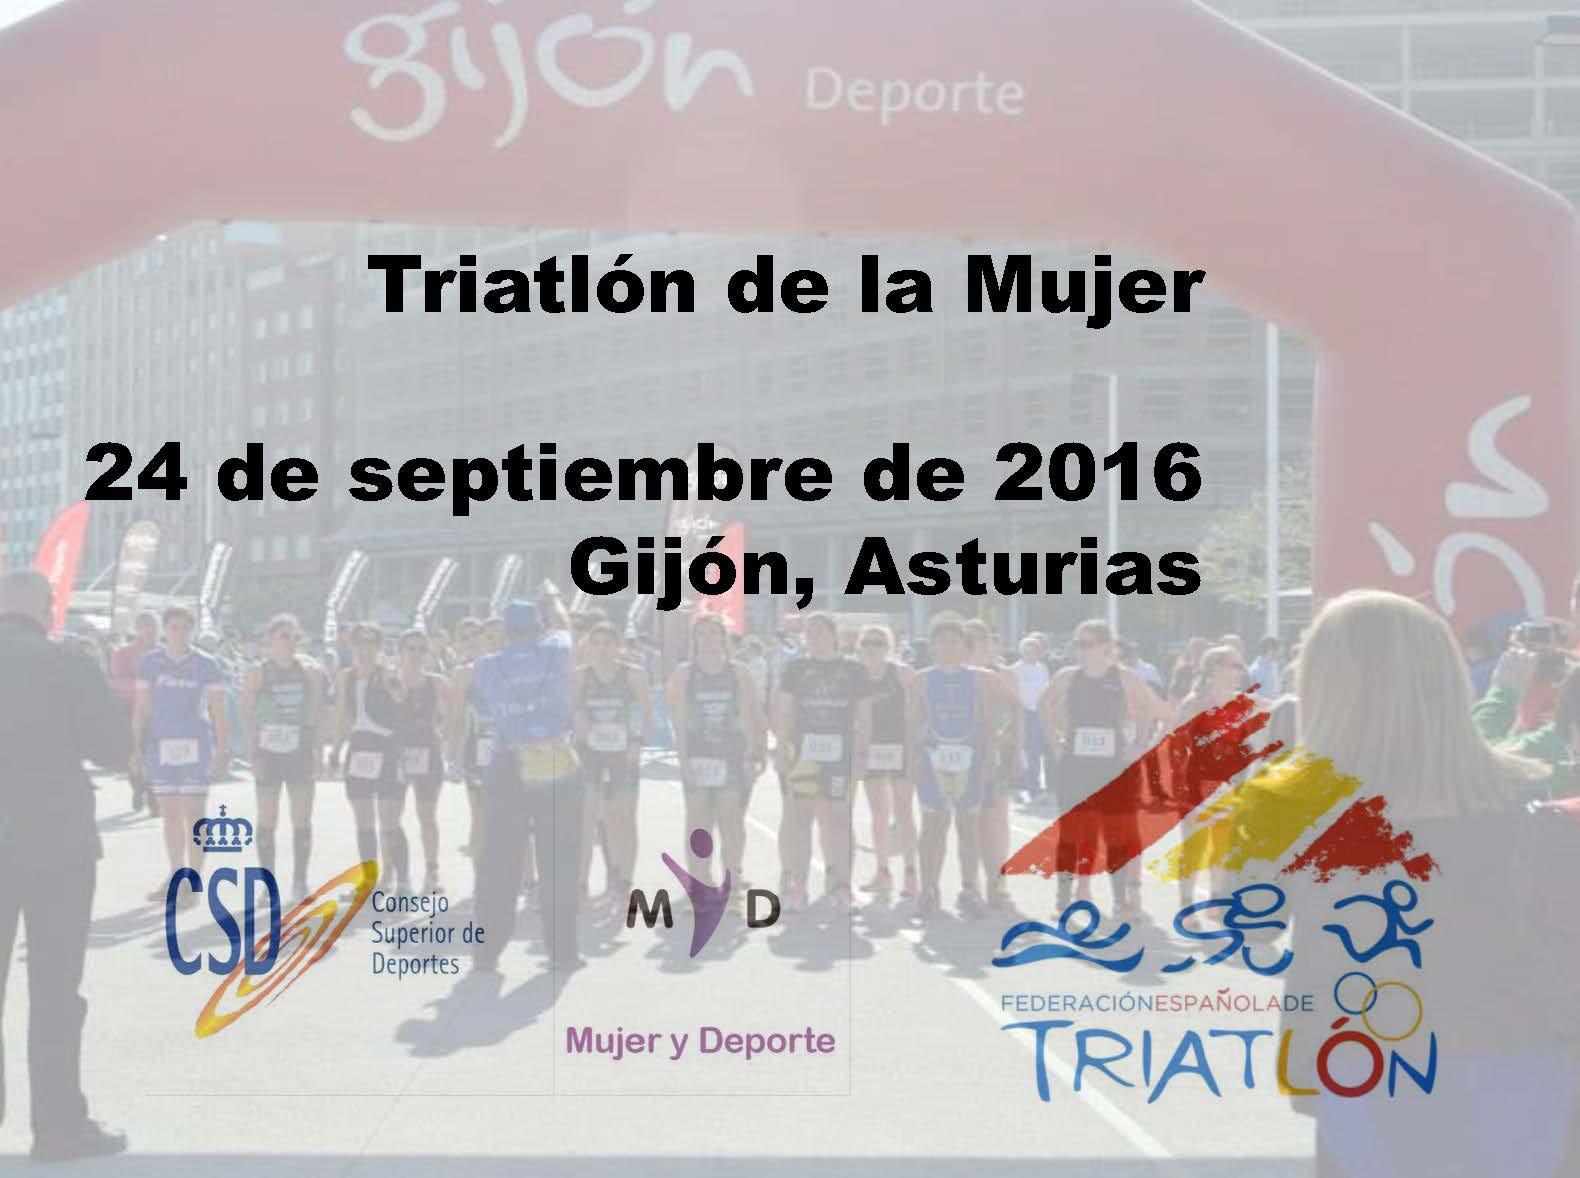 Noticia-Triatlón-de-la-Mujer-1